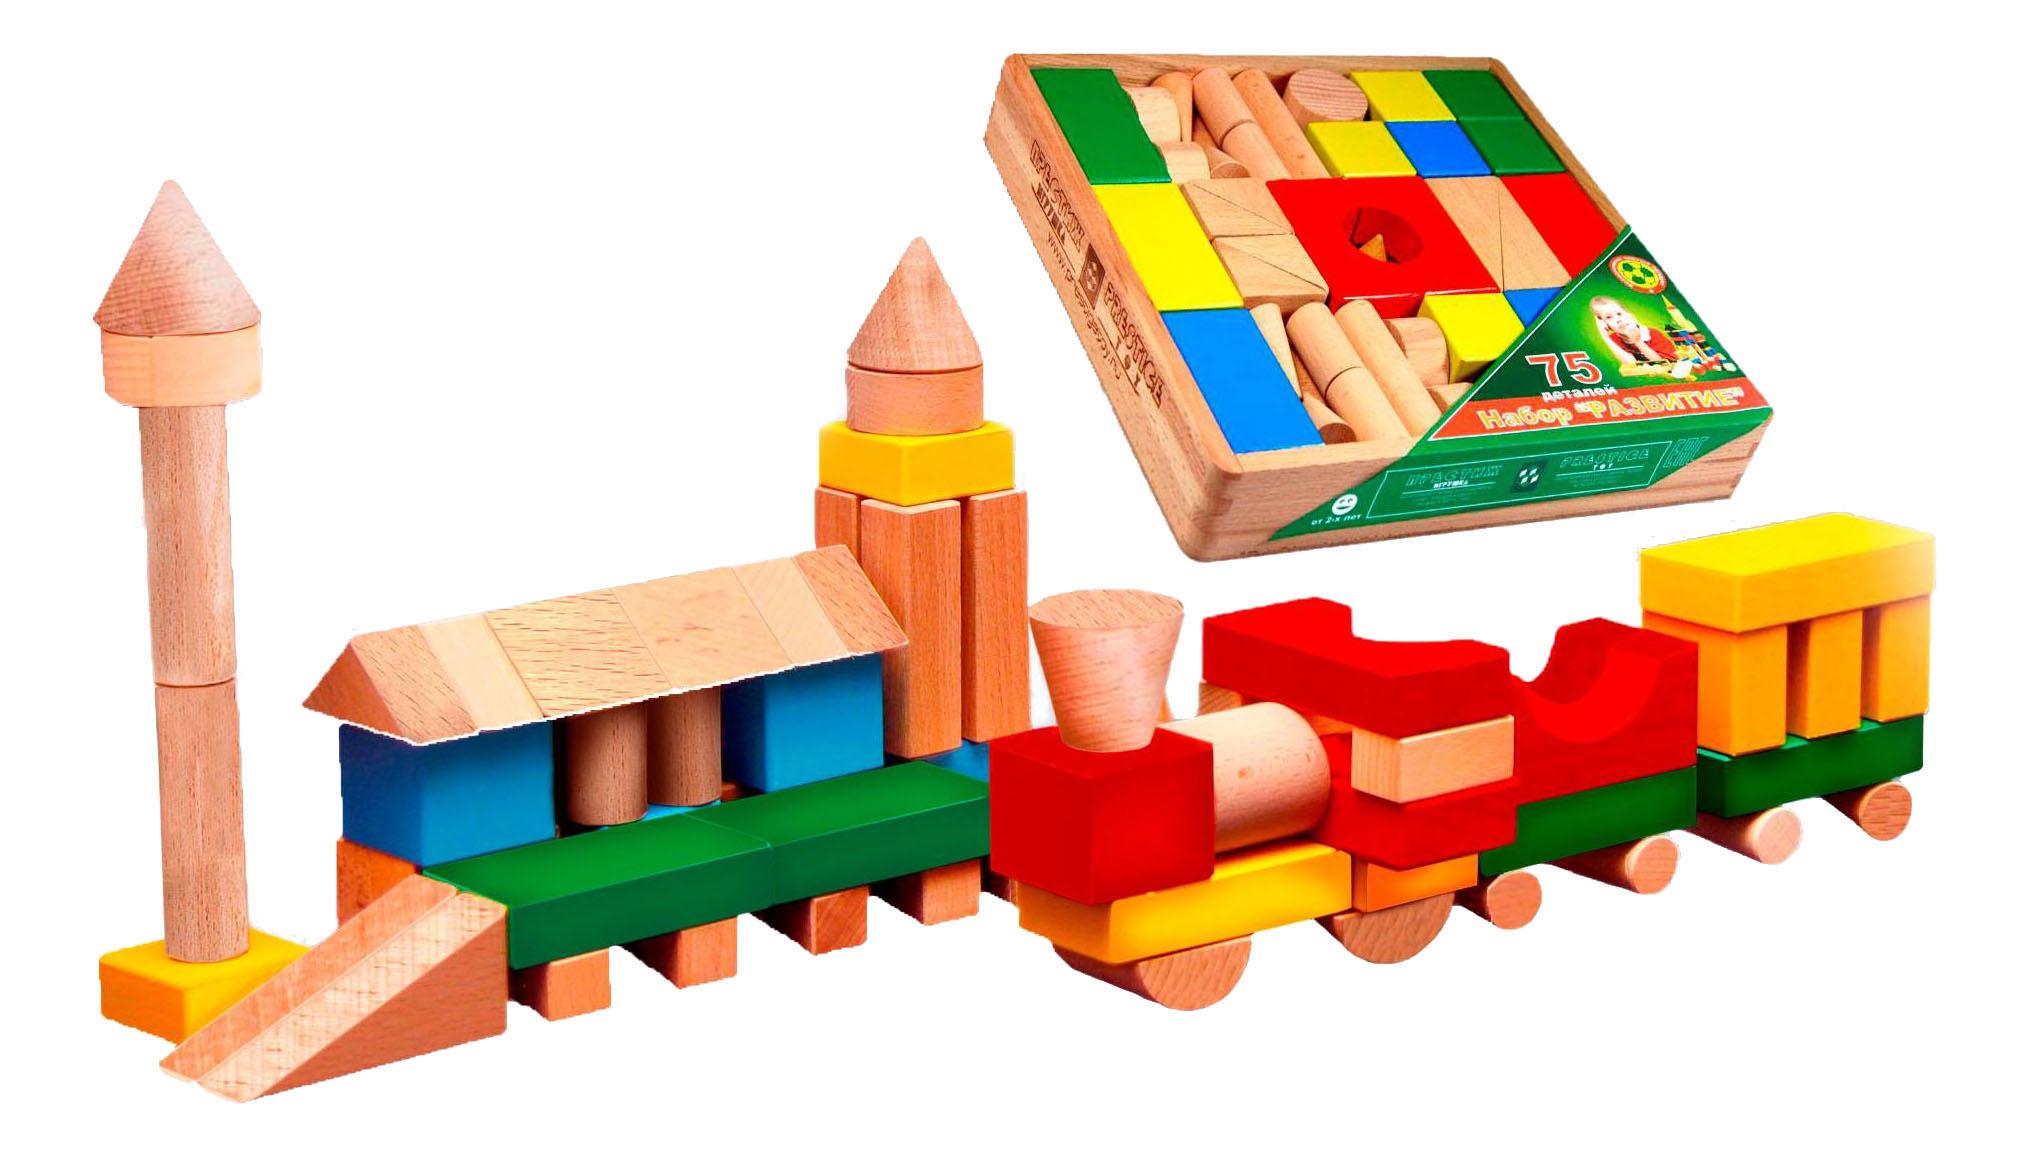 Конструктор деревянный Престиж-игрушка цветной по программе Развитие 75 деталей